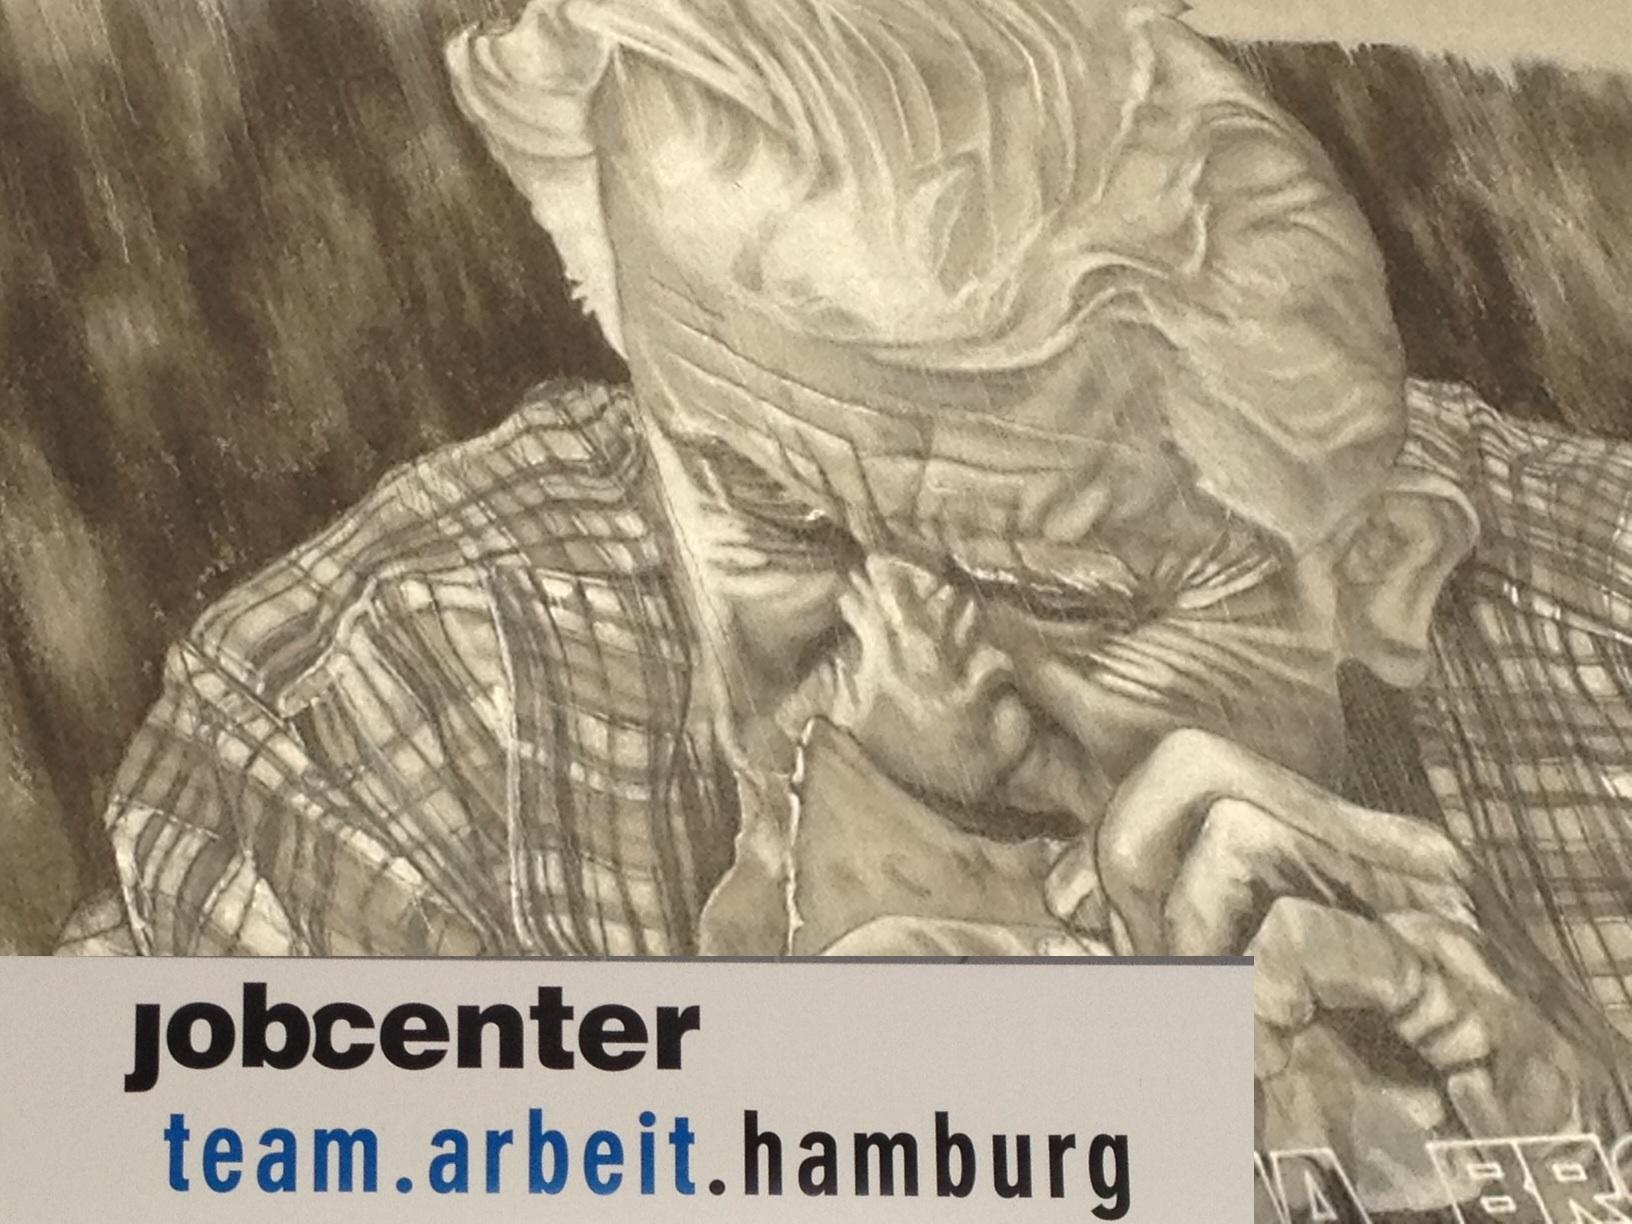 Pleite Pleiter Am Pleitesten Jobcenter Teamarbeithamburg